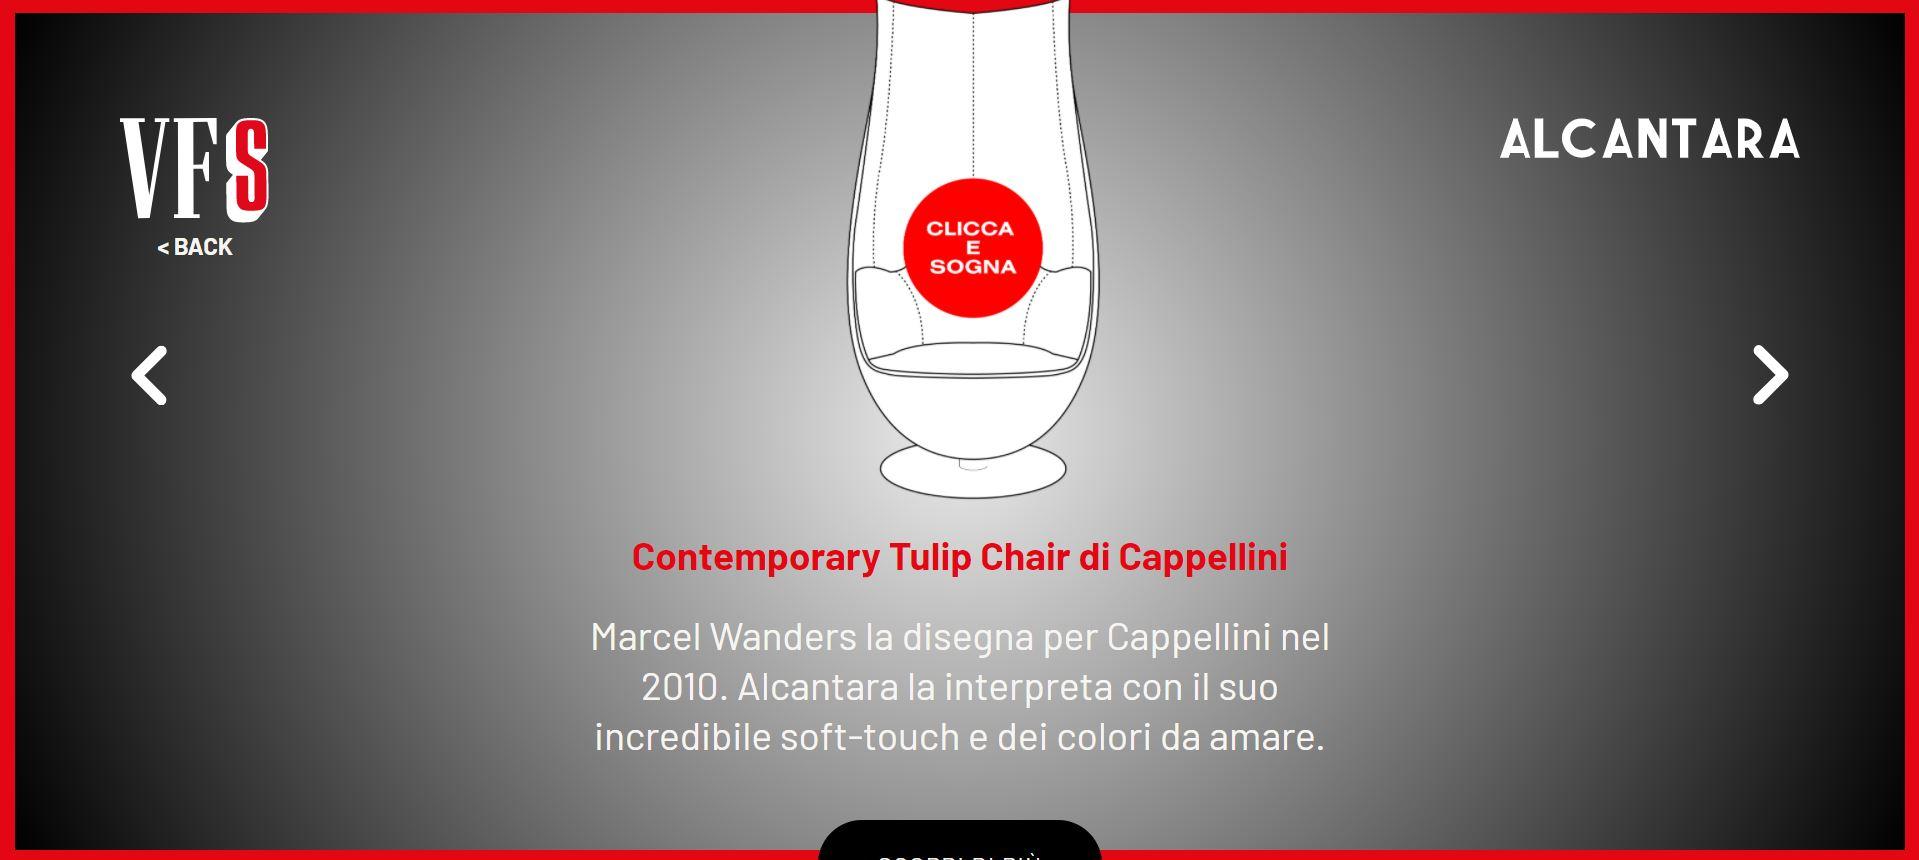 Alcantara VFS - Benedetta Malavasi - Italy - Vanity Fair Stories - Sponsor 3